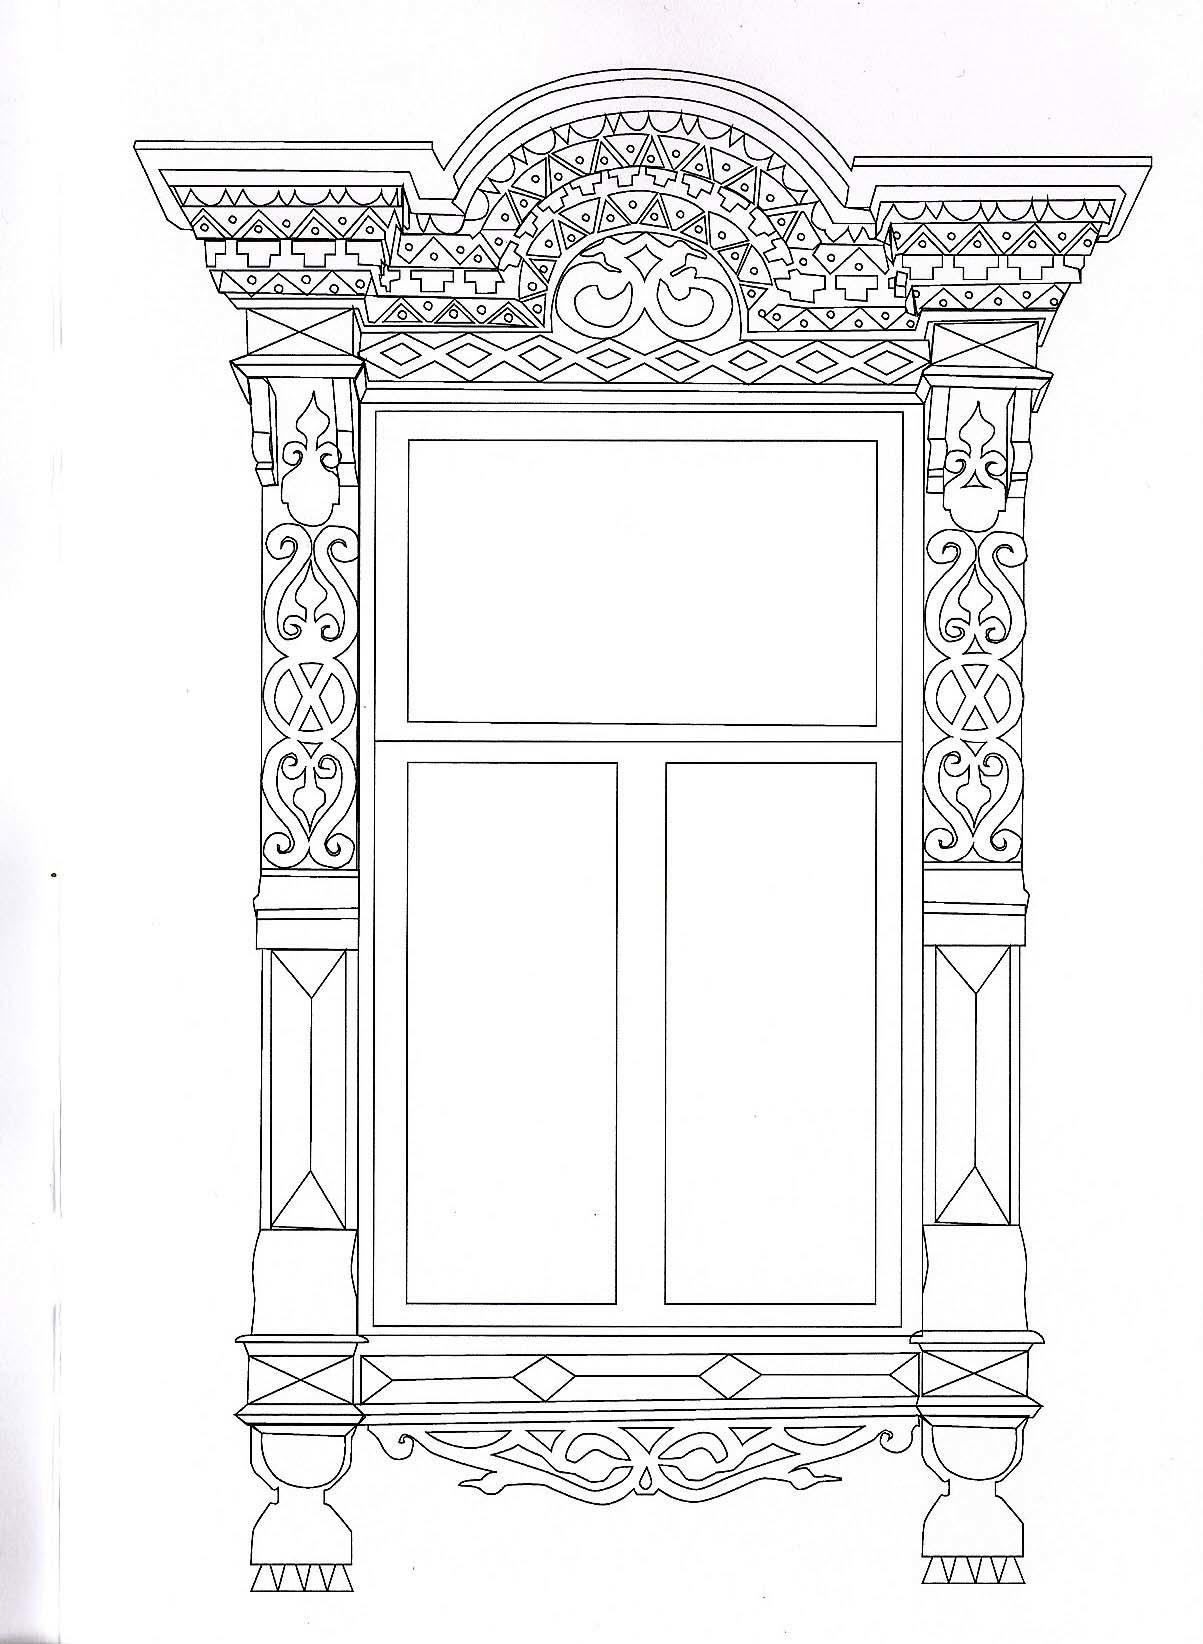 Шаблоны резных наличников на окна чертежи, рисунки, эскизы 12